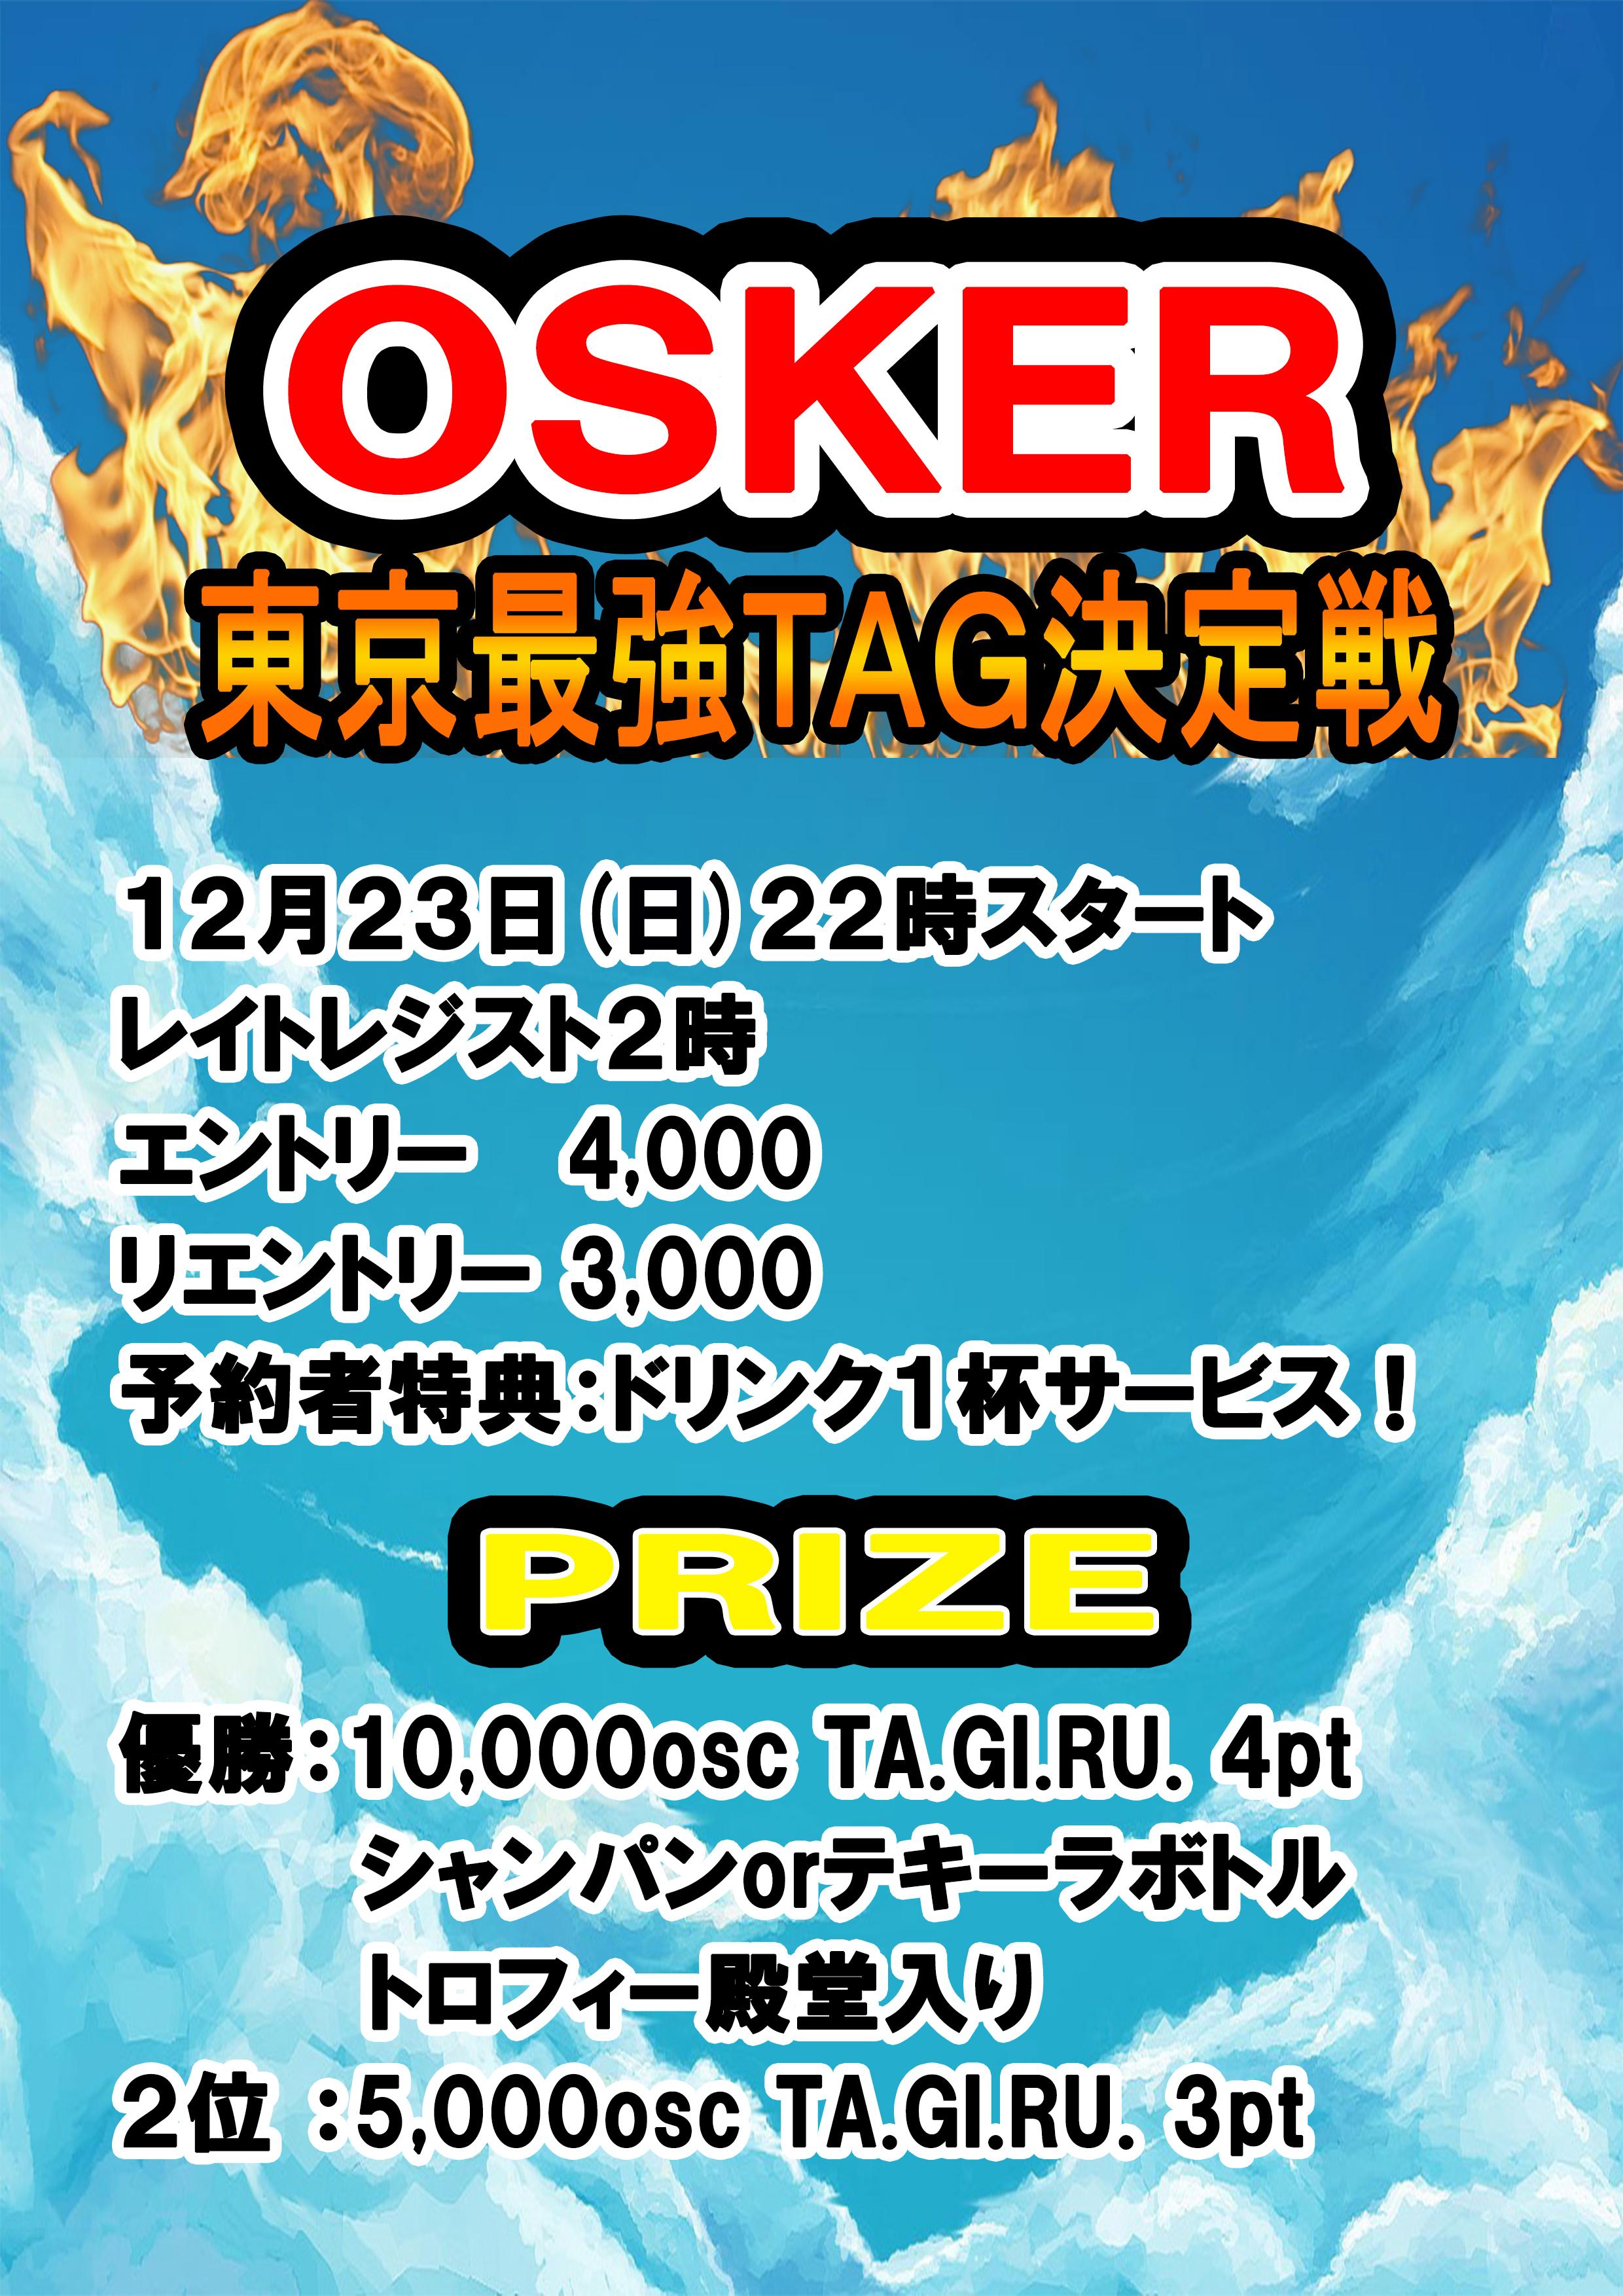 年内最後! 東京最強を決めるTAG戦!